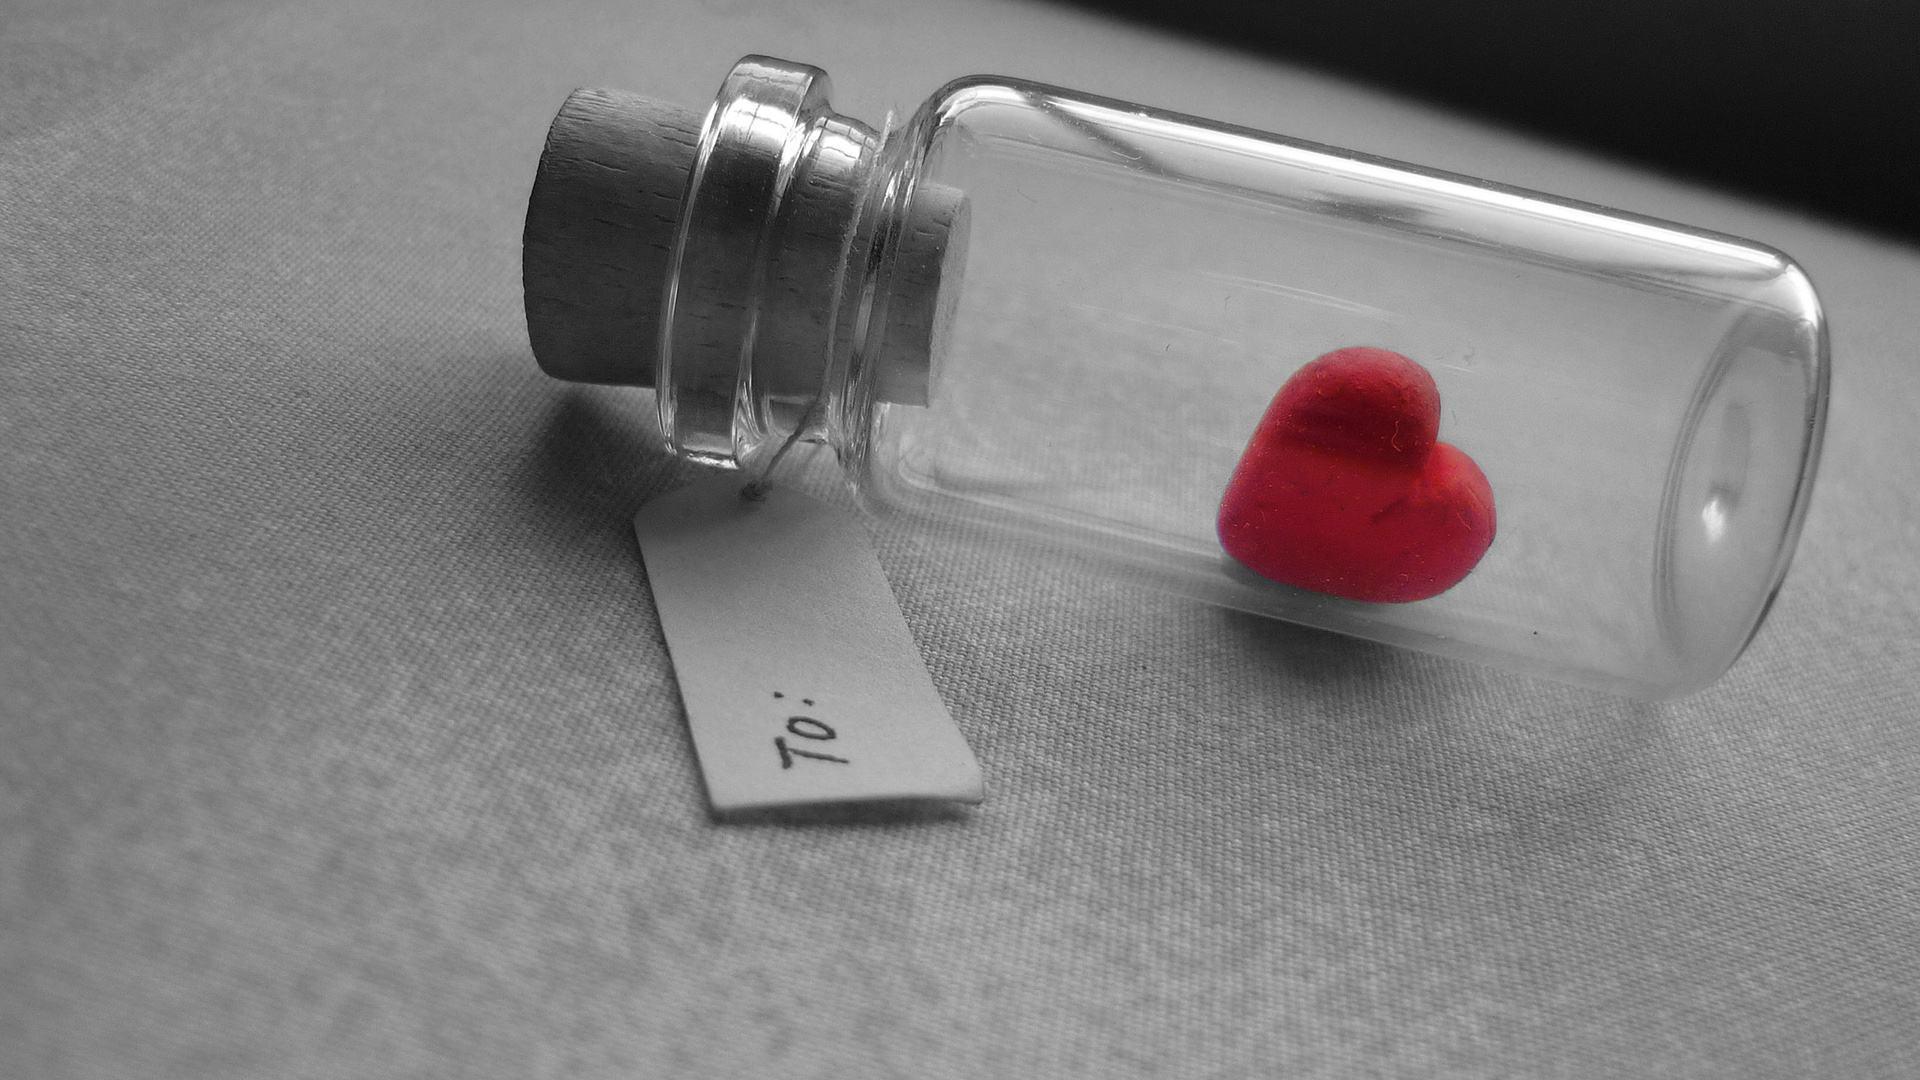 经典爱情伤感语录心情说说句子:再炙热单纯的心,都会变冷